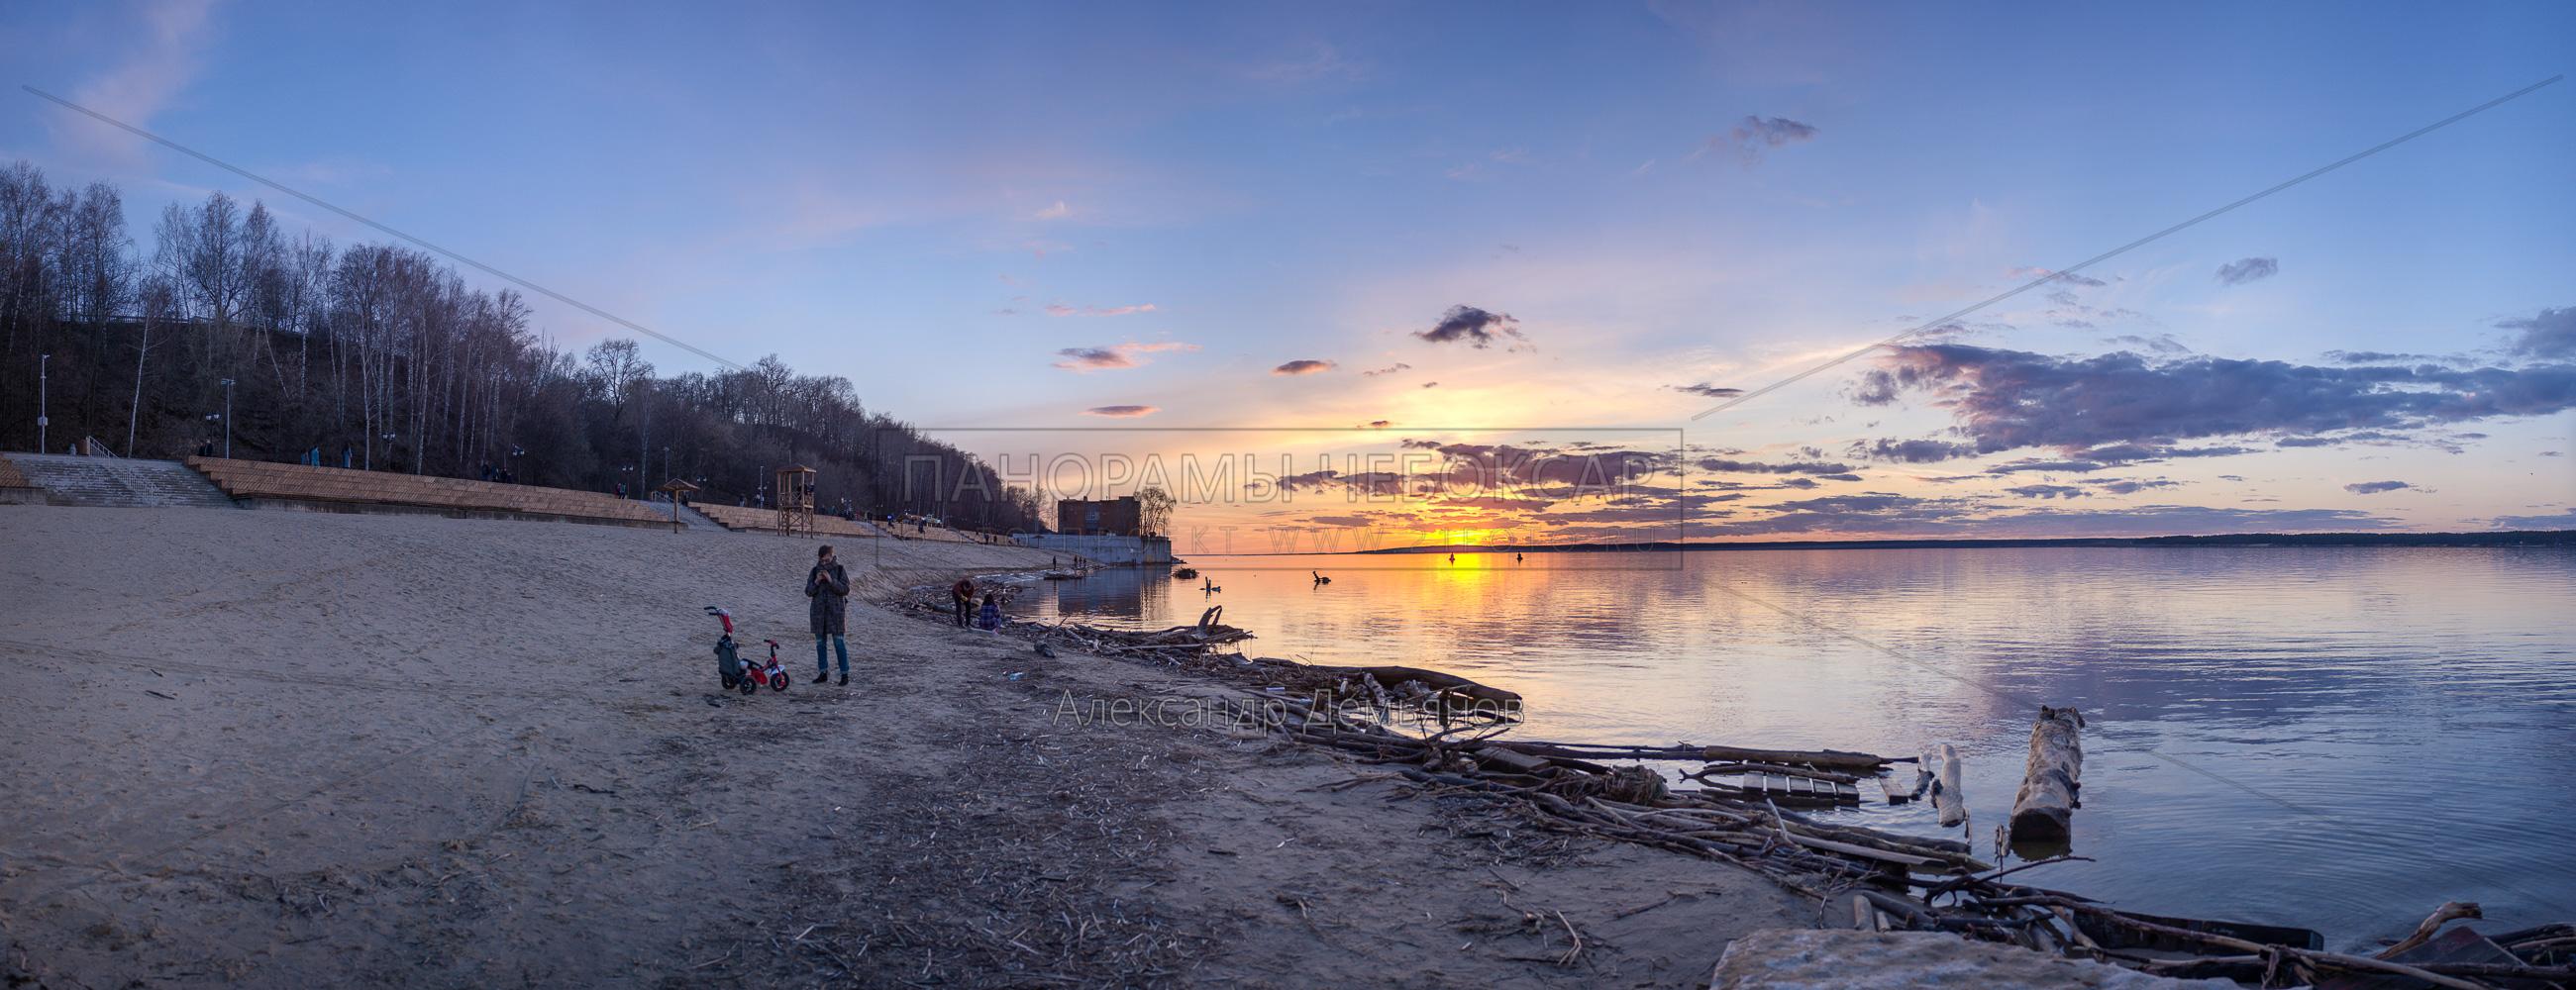 После ледохода. Ранняя Весна на Чебоксарском центральном пляже 2018